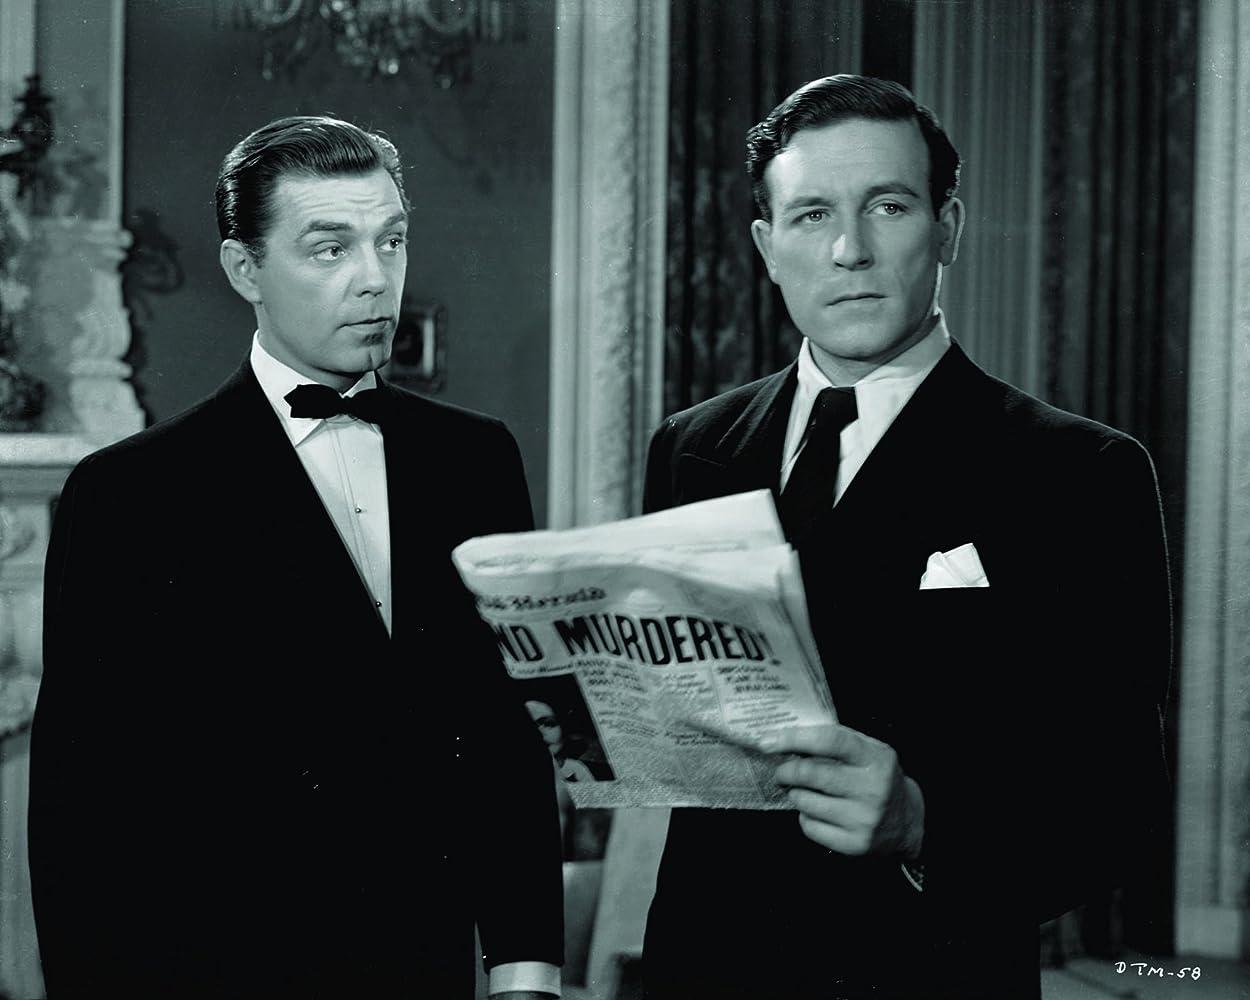 Born to Kill (1947)